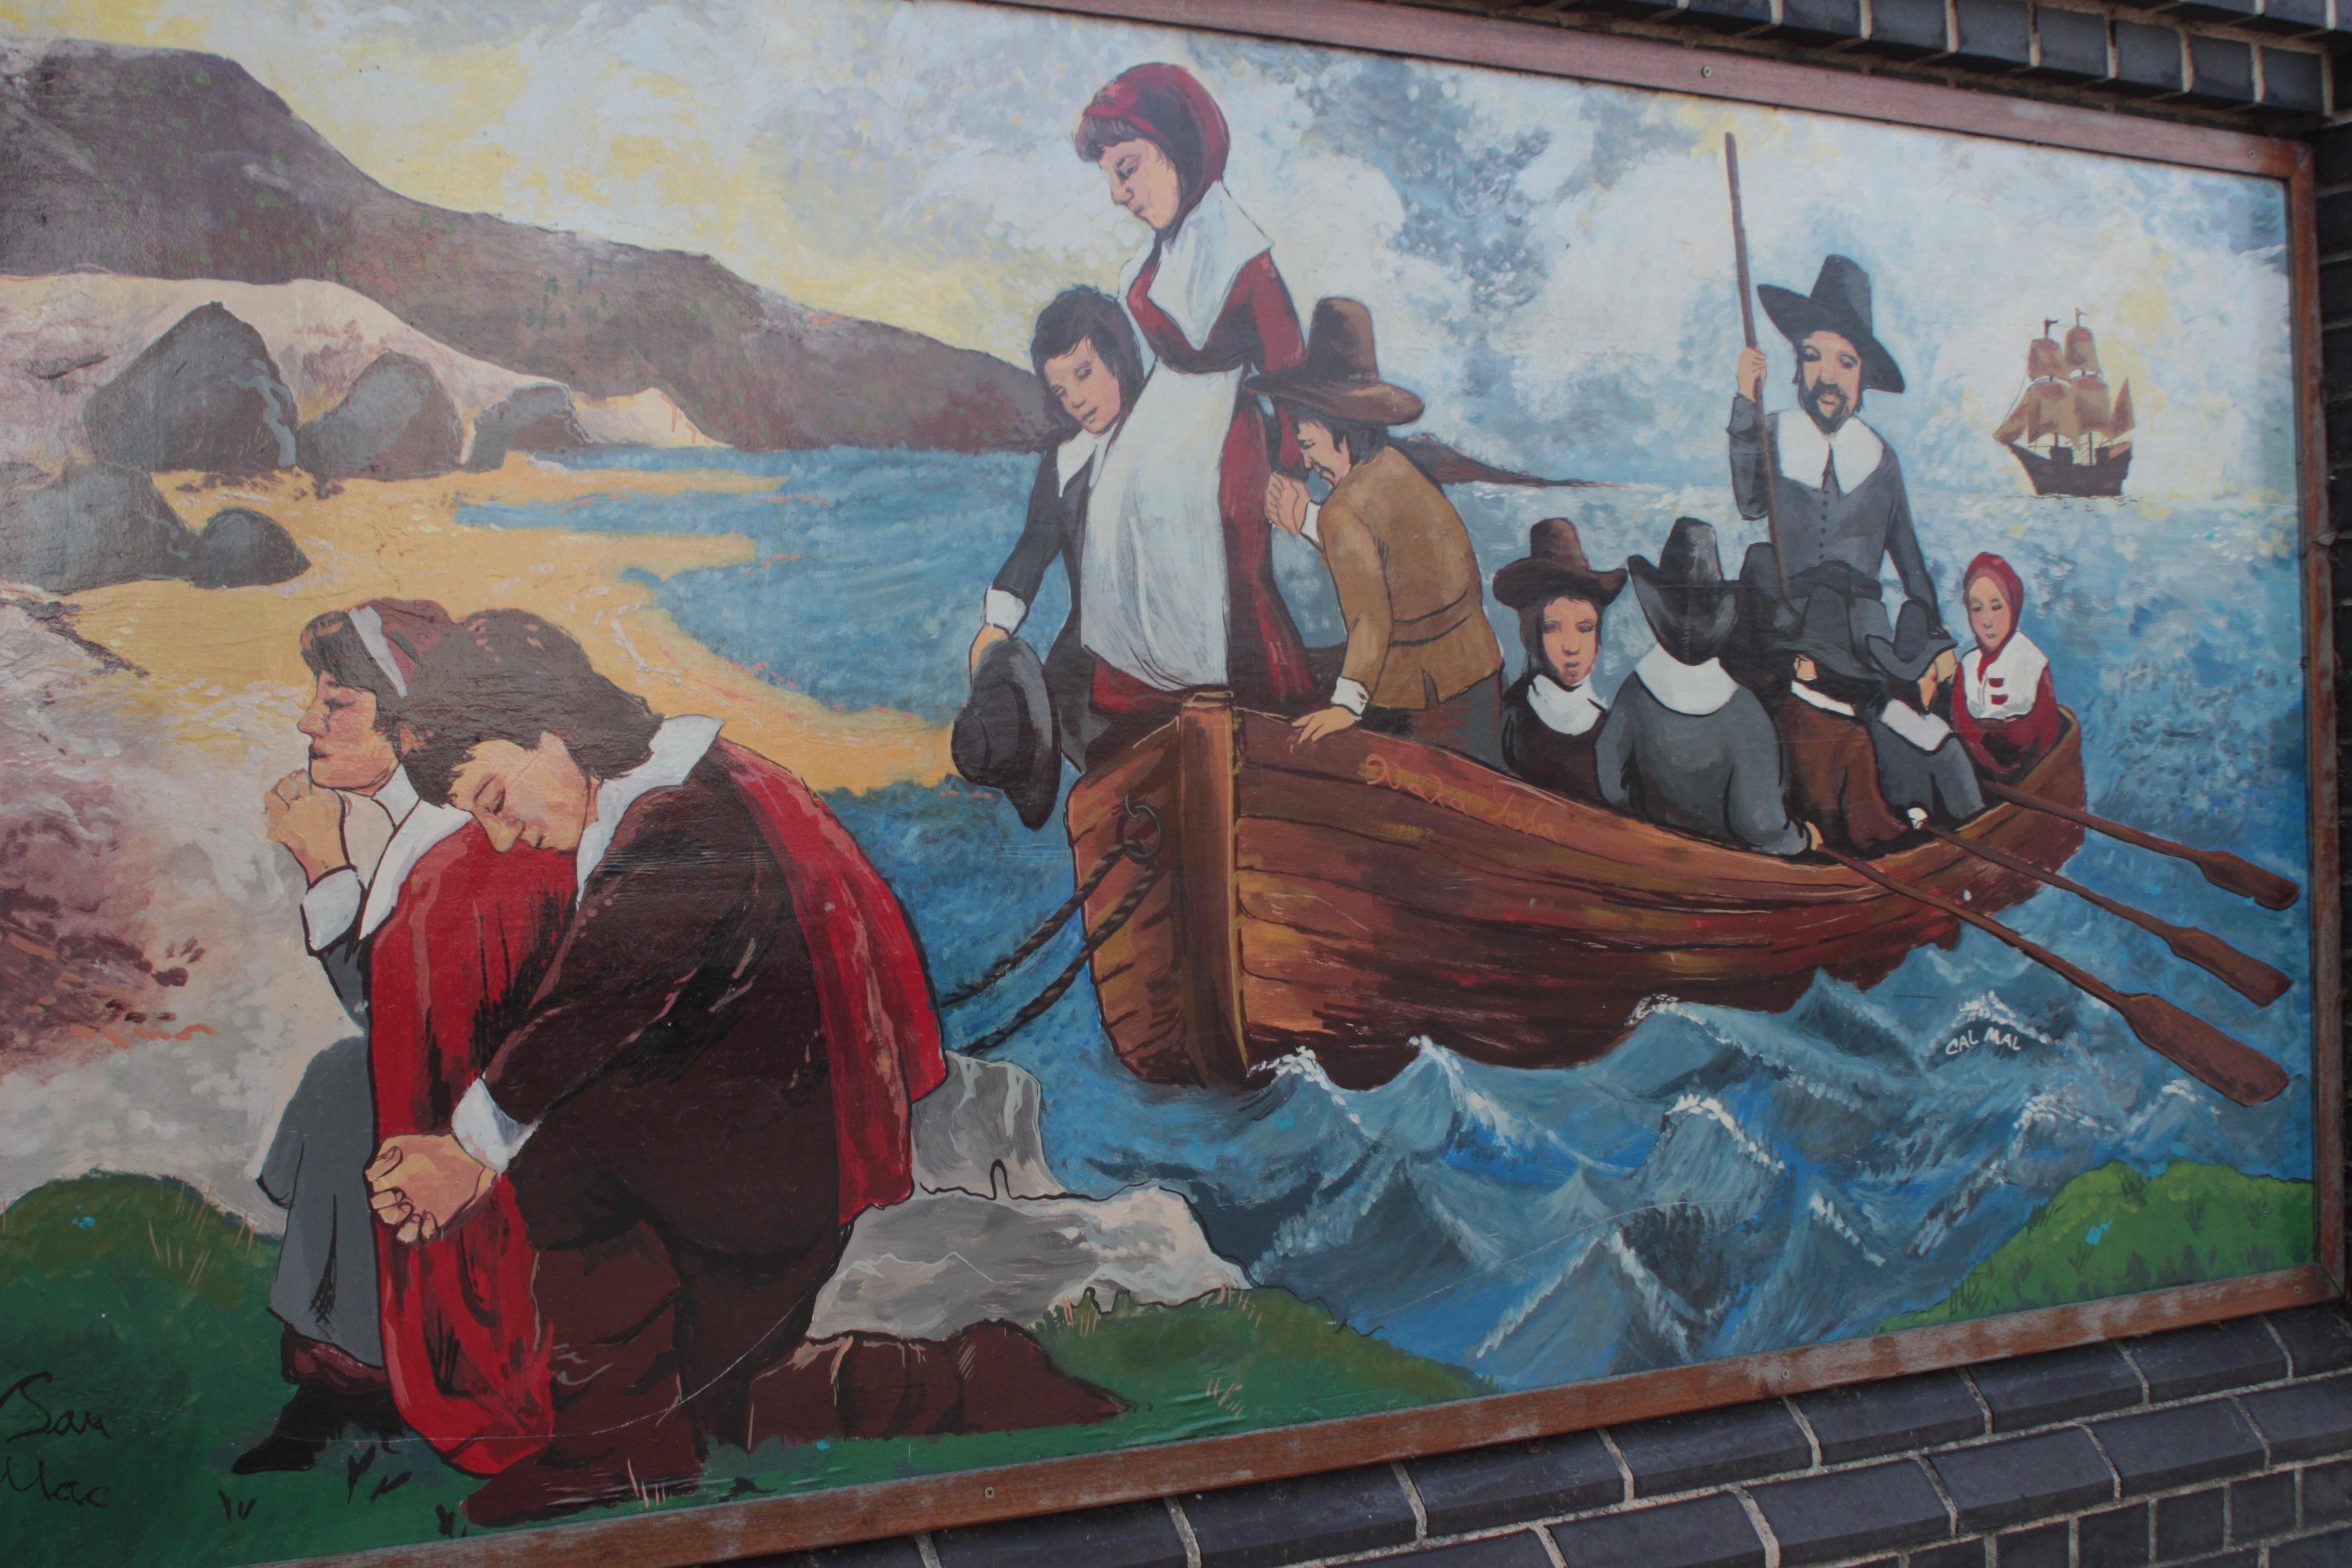 Pilgrims at prayer mural, Harwich